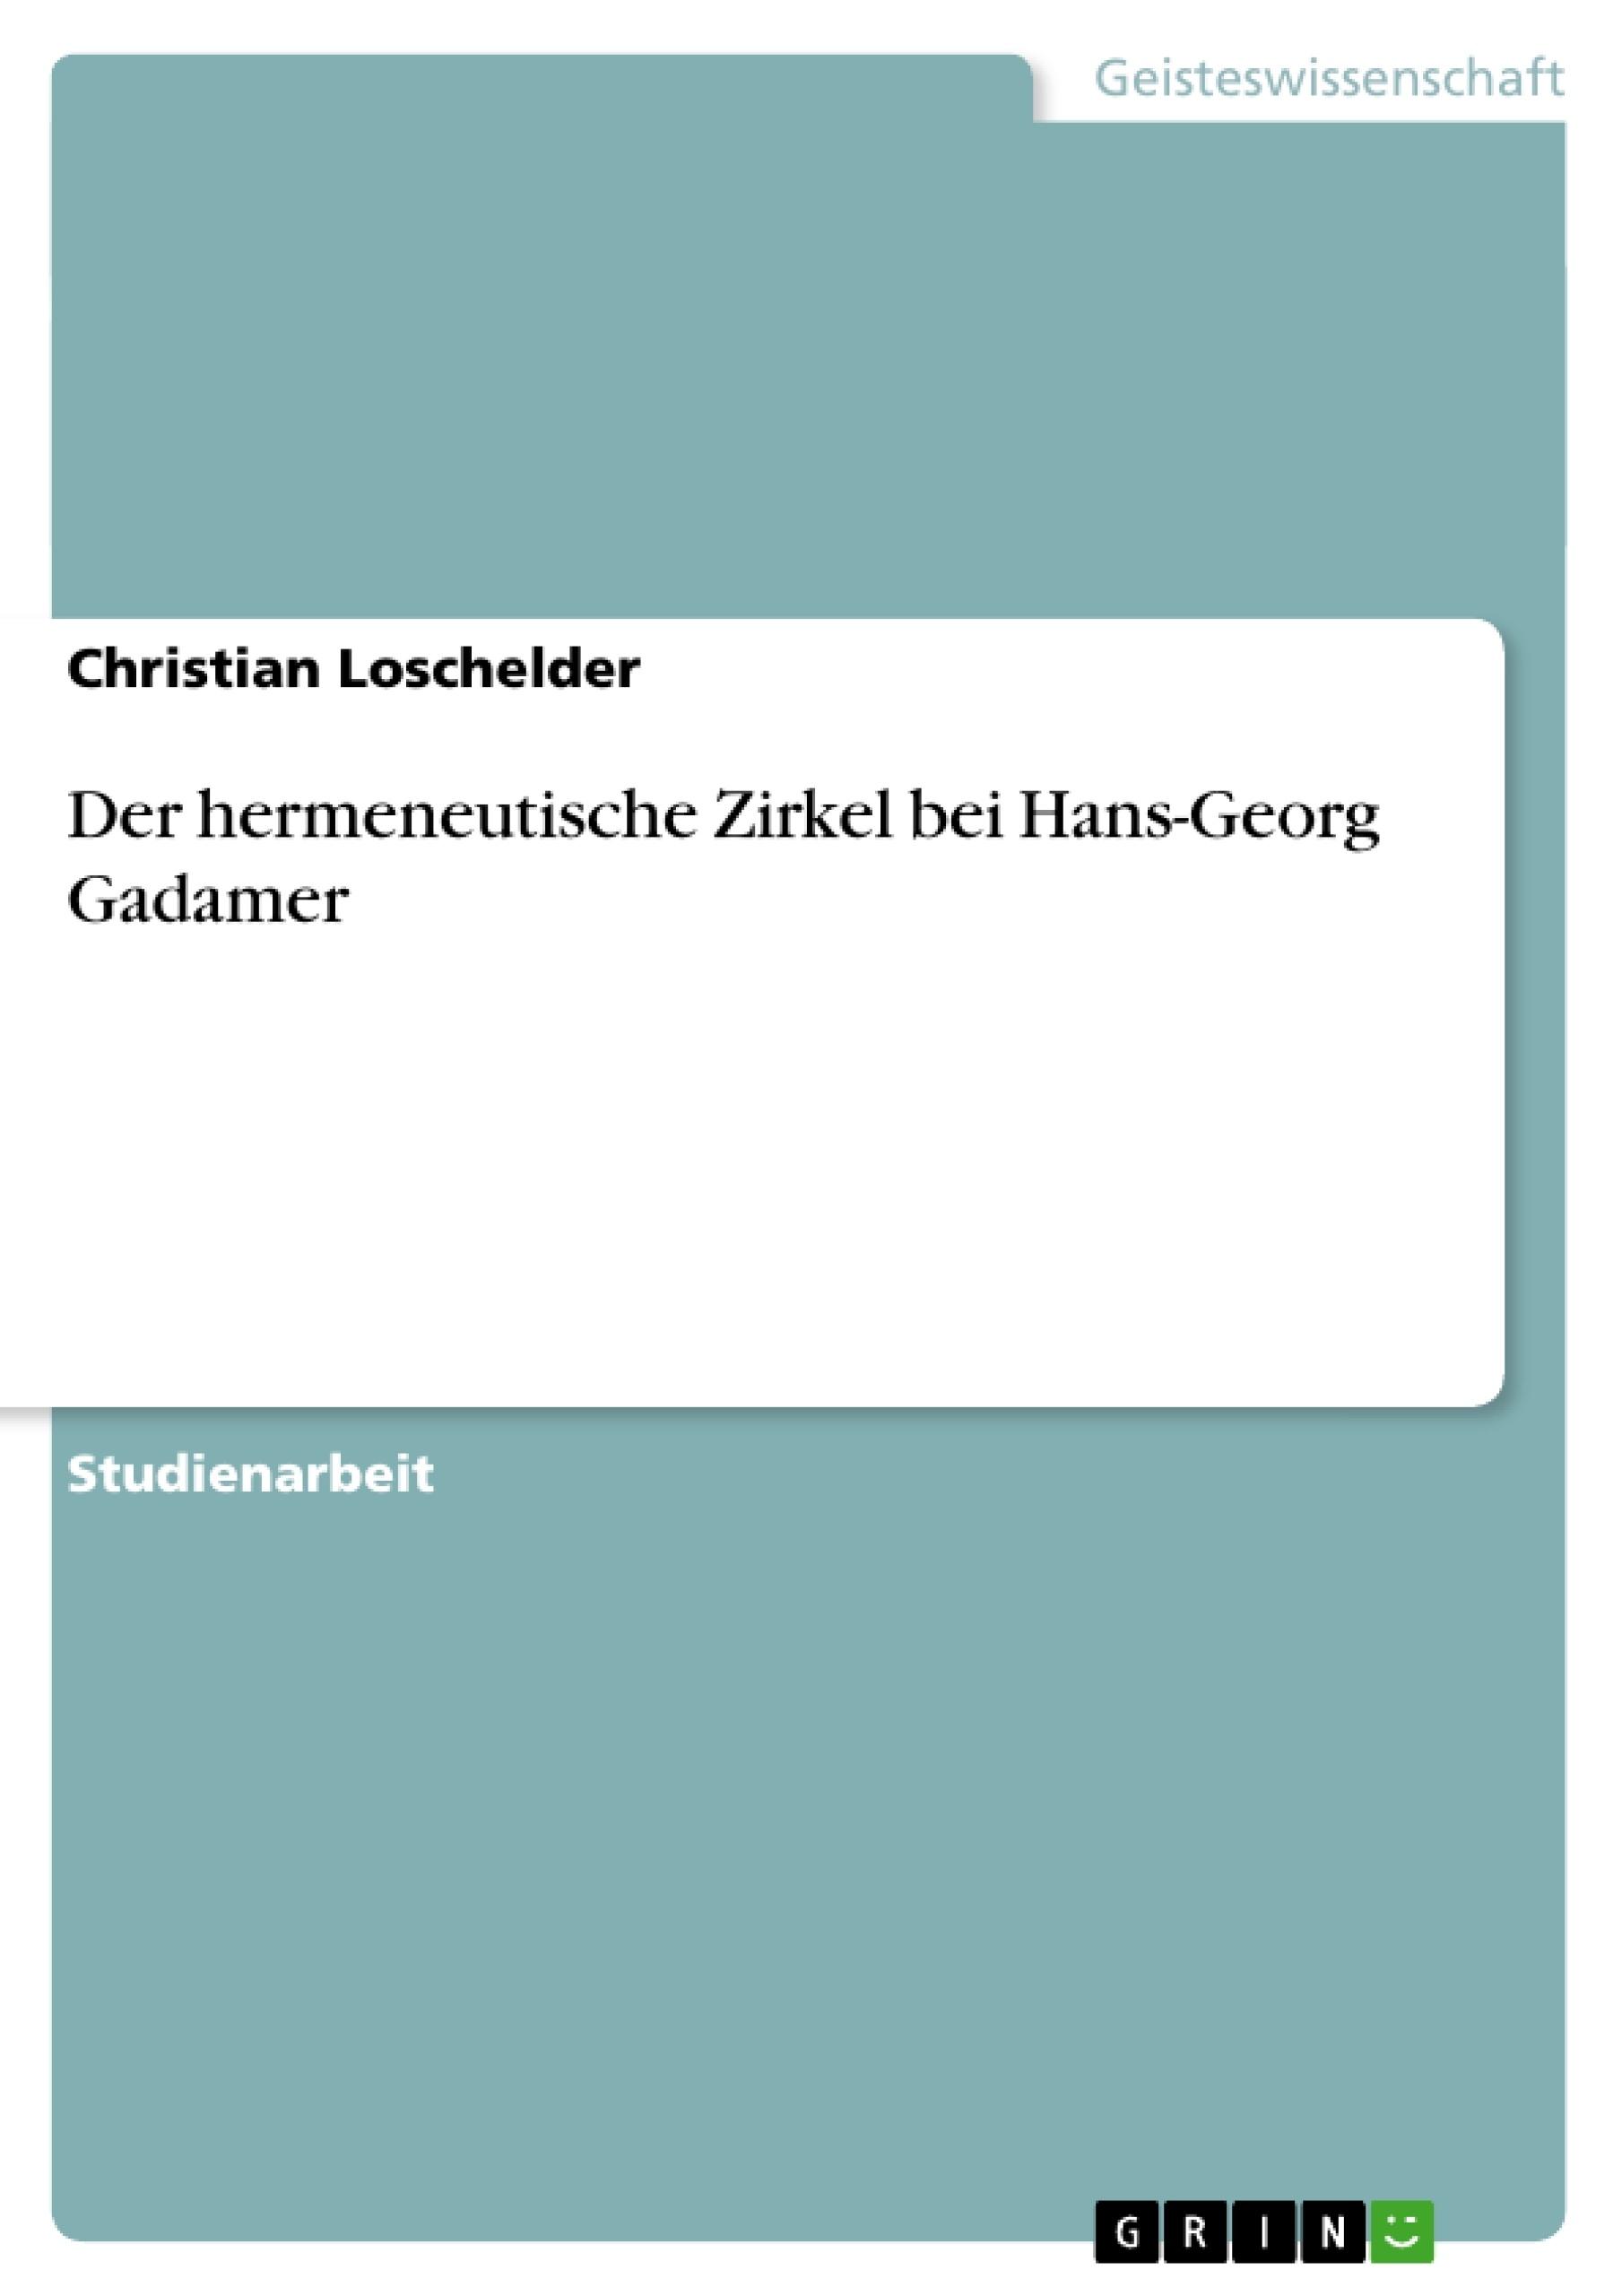 Titel: Der hermeneutische Zirkel bei Hans-Georg Gadamer